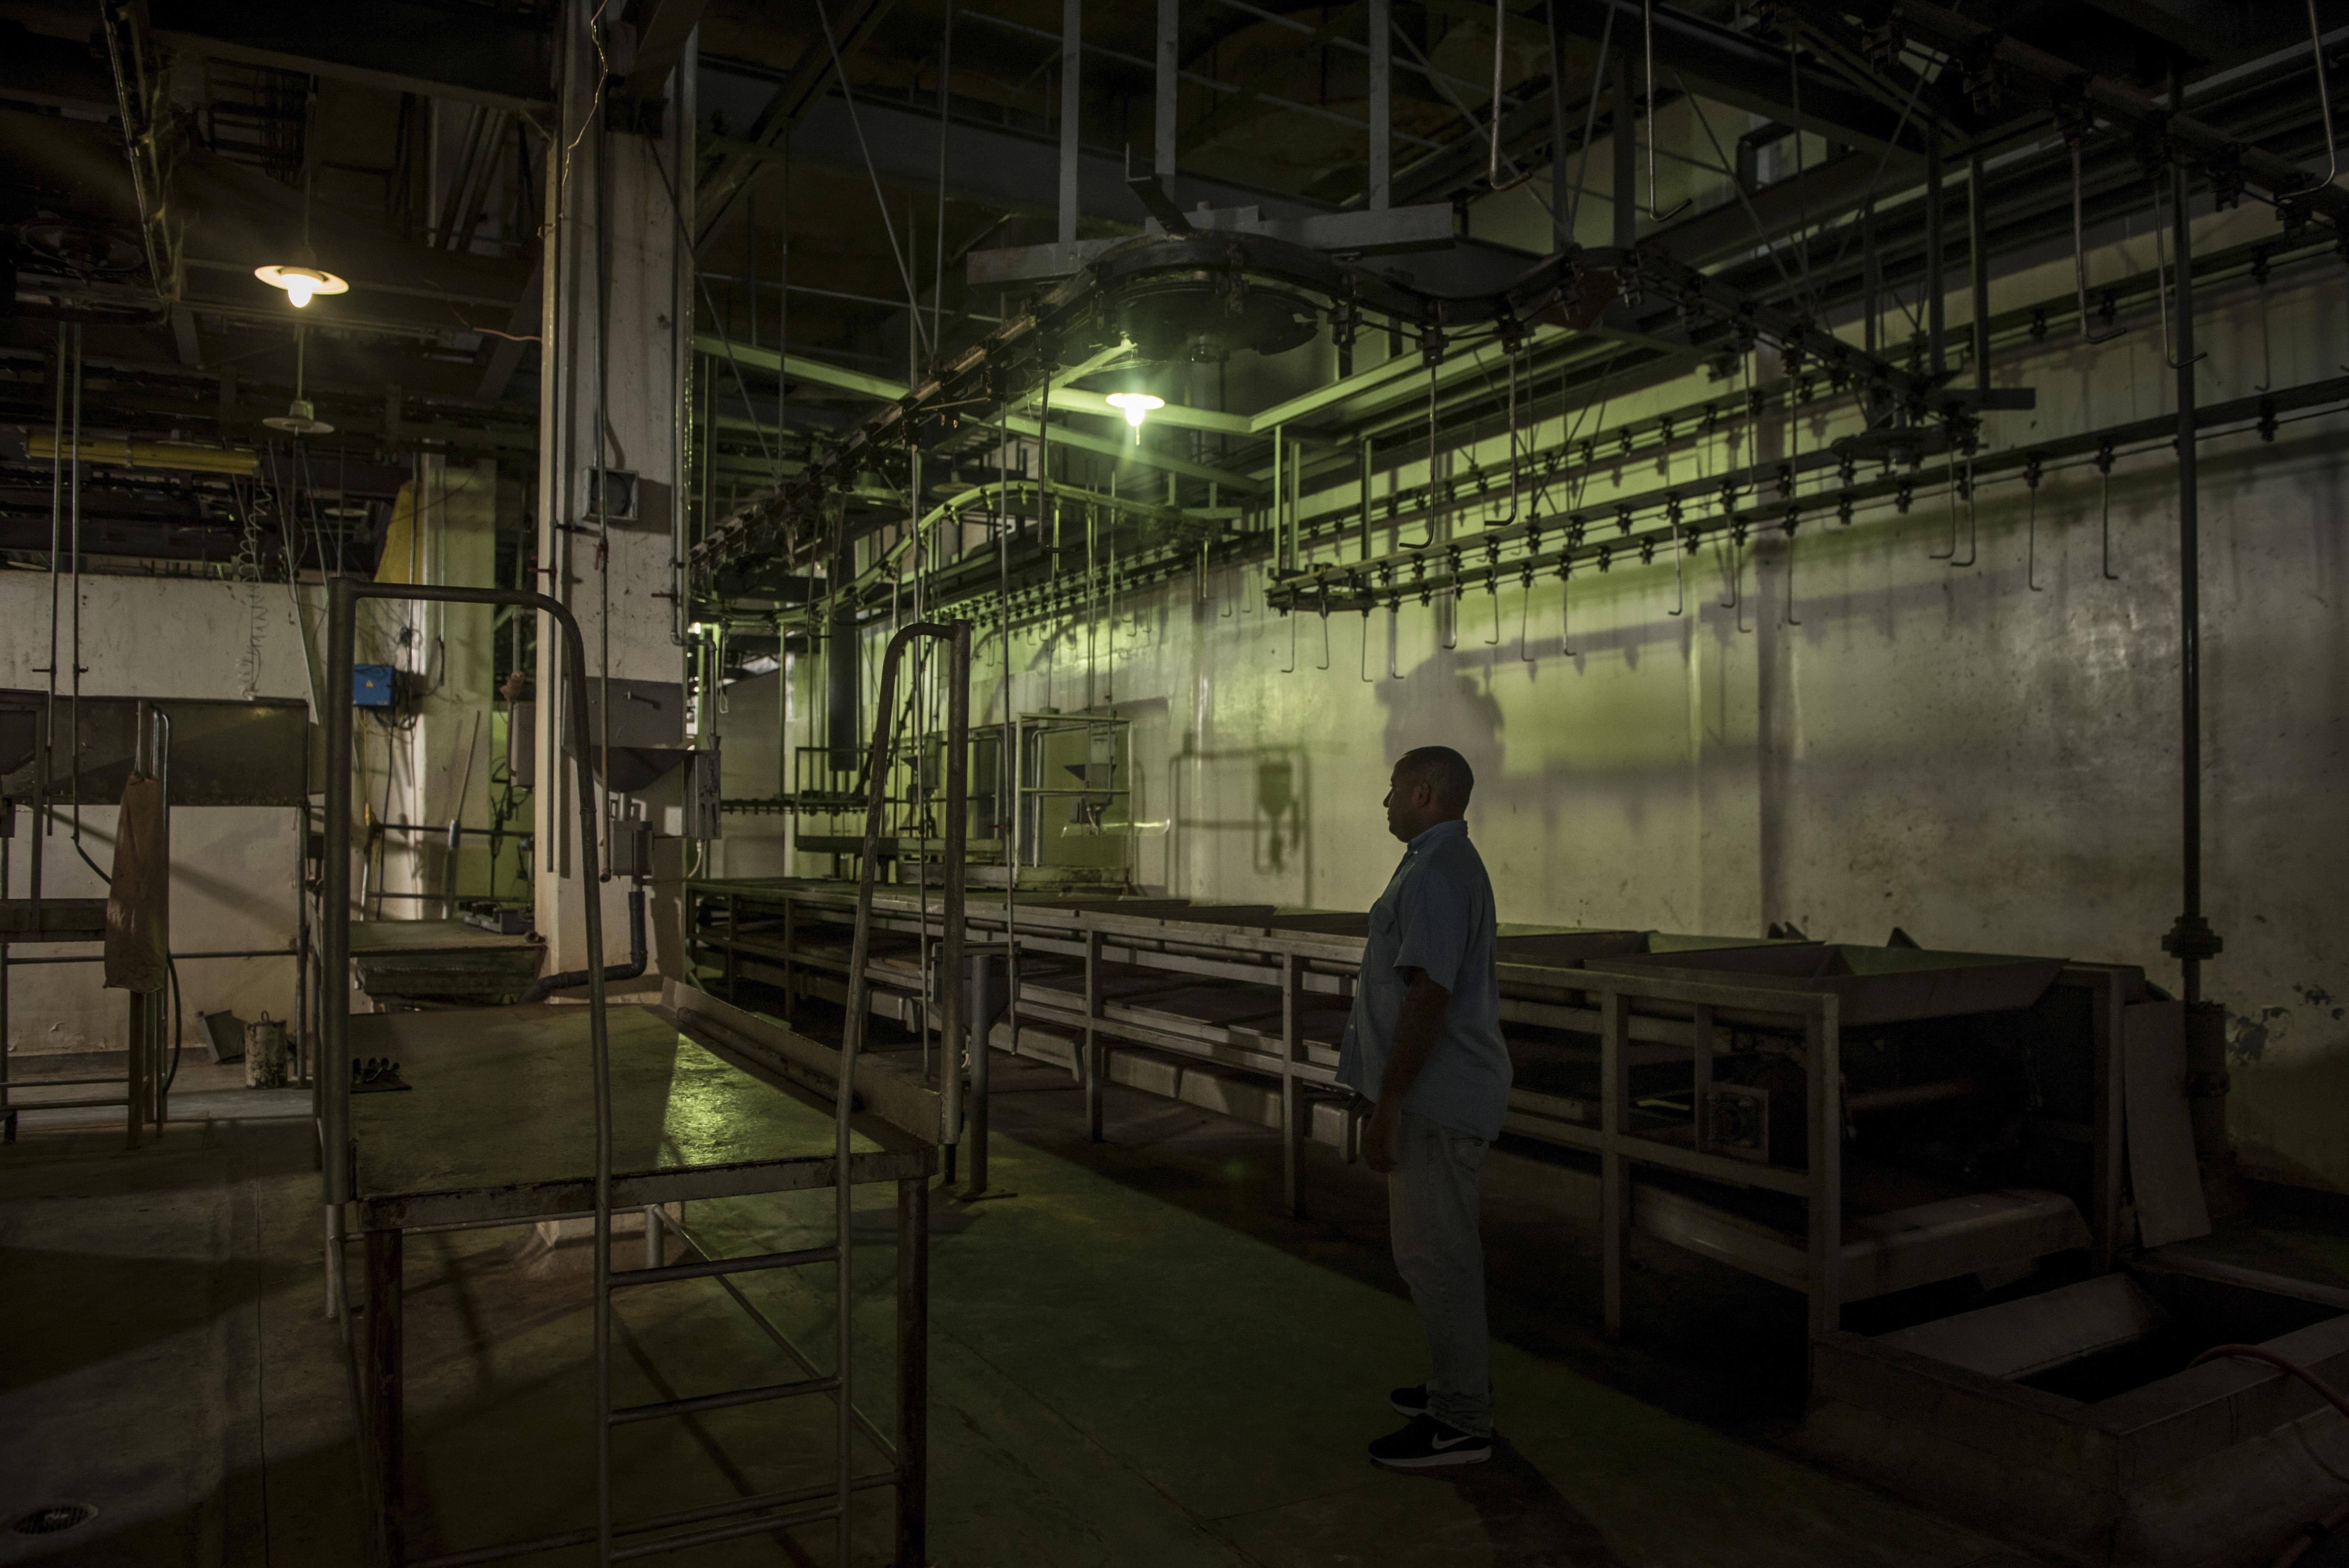 El matadero de Machiques, que alguna vez fue uno de los más grandes de América Latina, ha estado inactivo por los cortes de energía eléctrica. (Meridith Kohut/The New York Times)